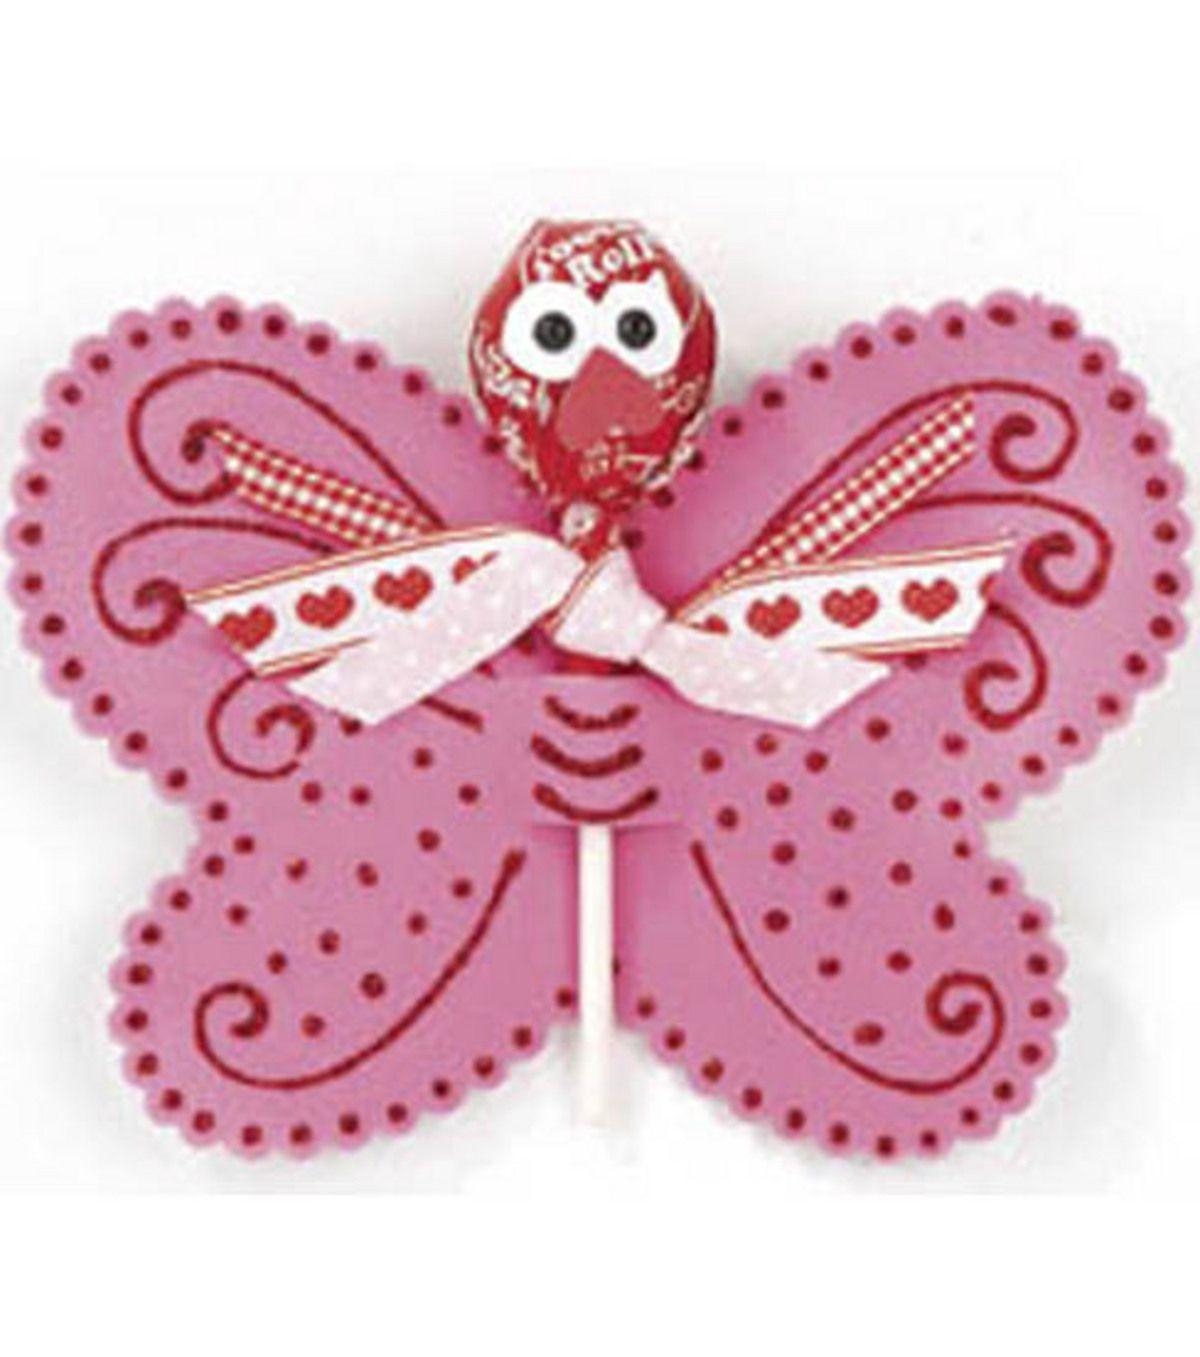 Valentine's Day Card Ideas from @joannstores | Lollipop